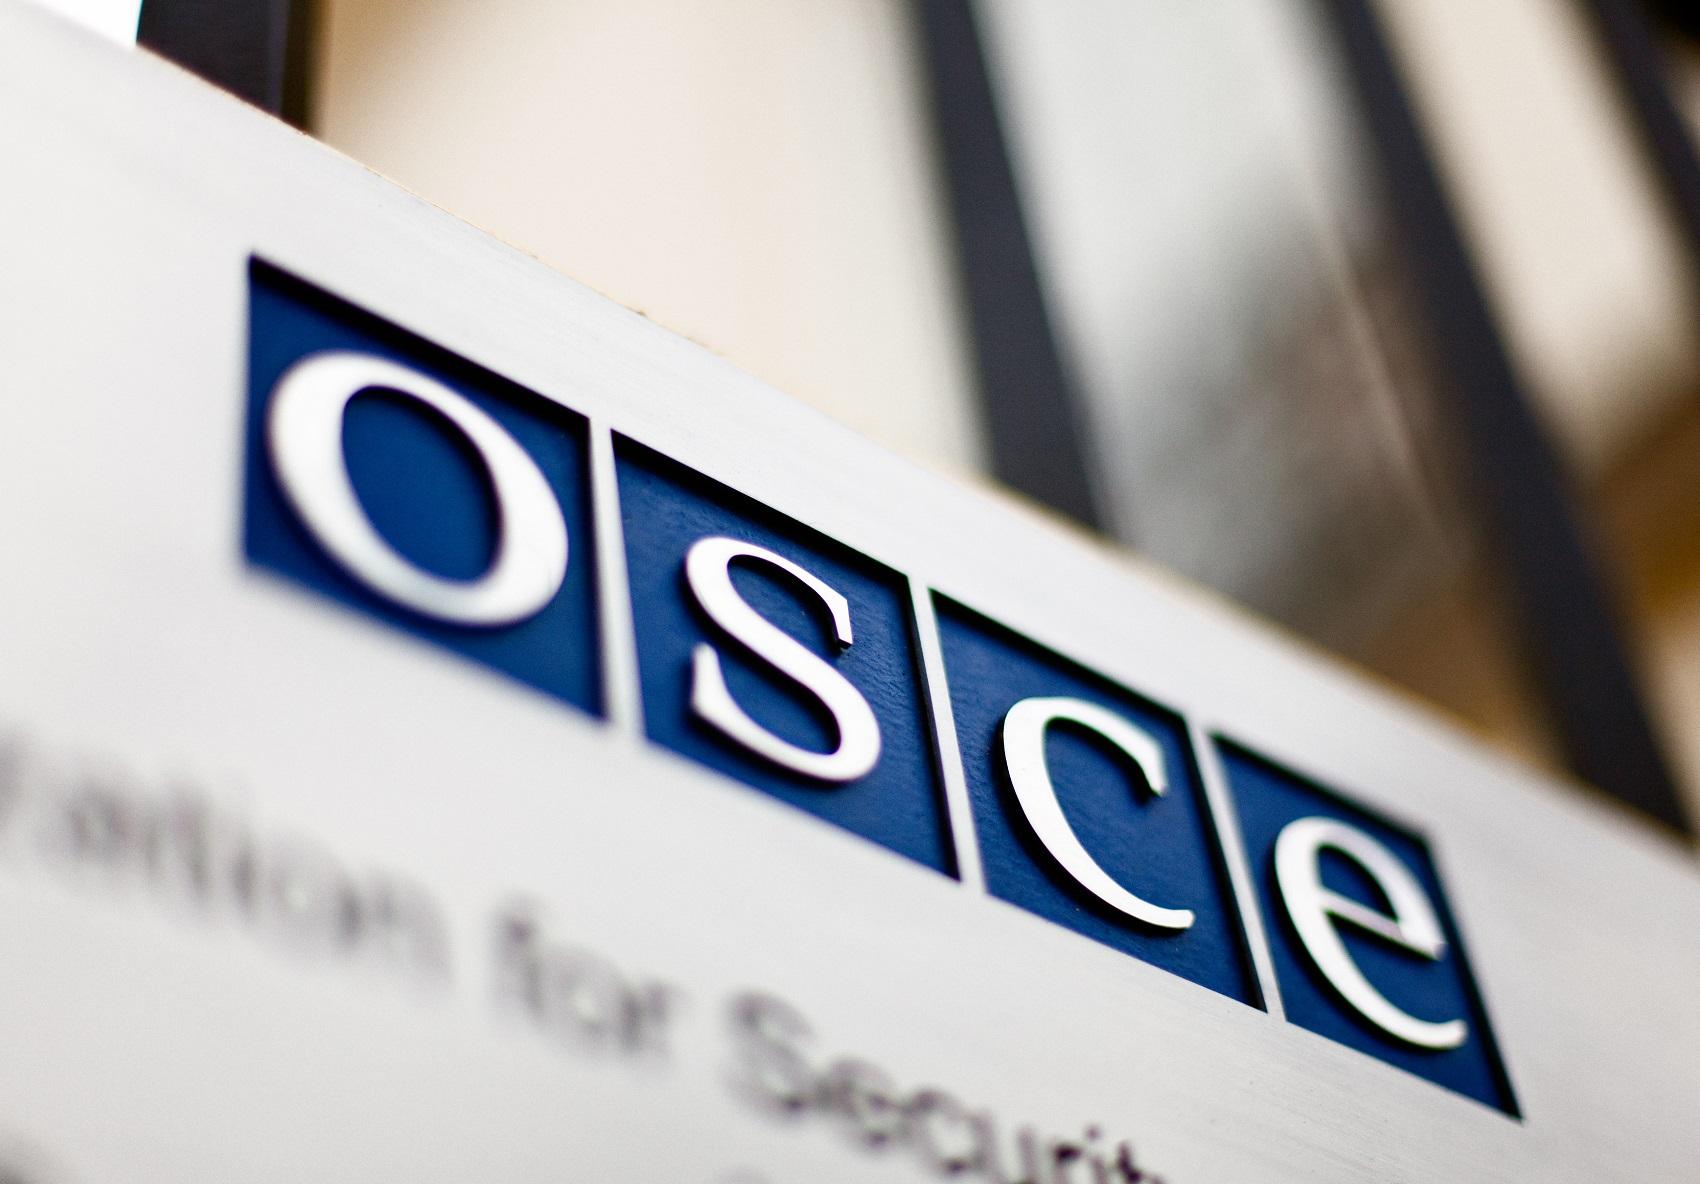 Представители миссии ПА ОБСЕ оценят предвыборную ситуацию в Грузии